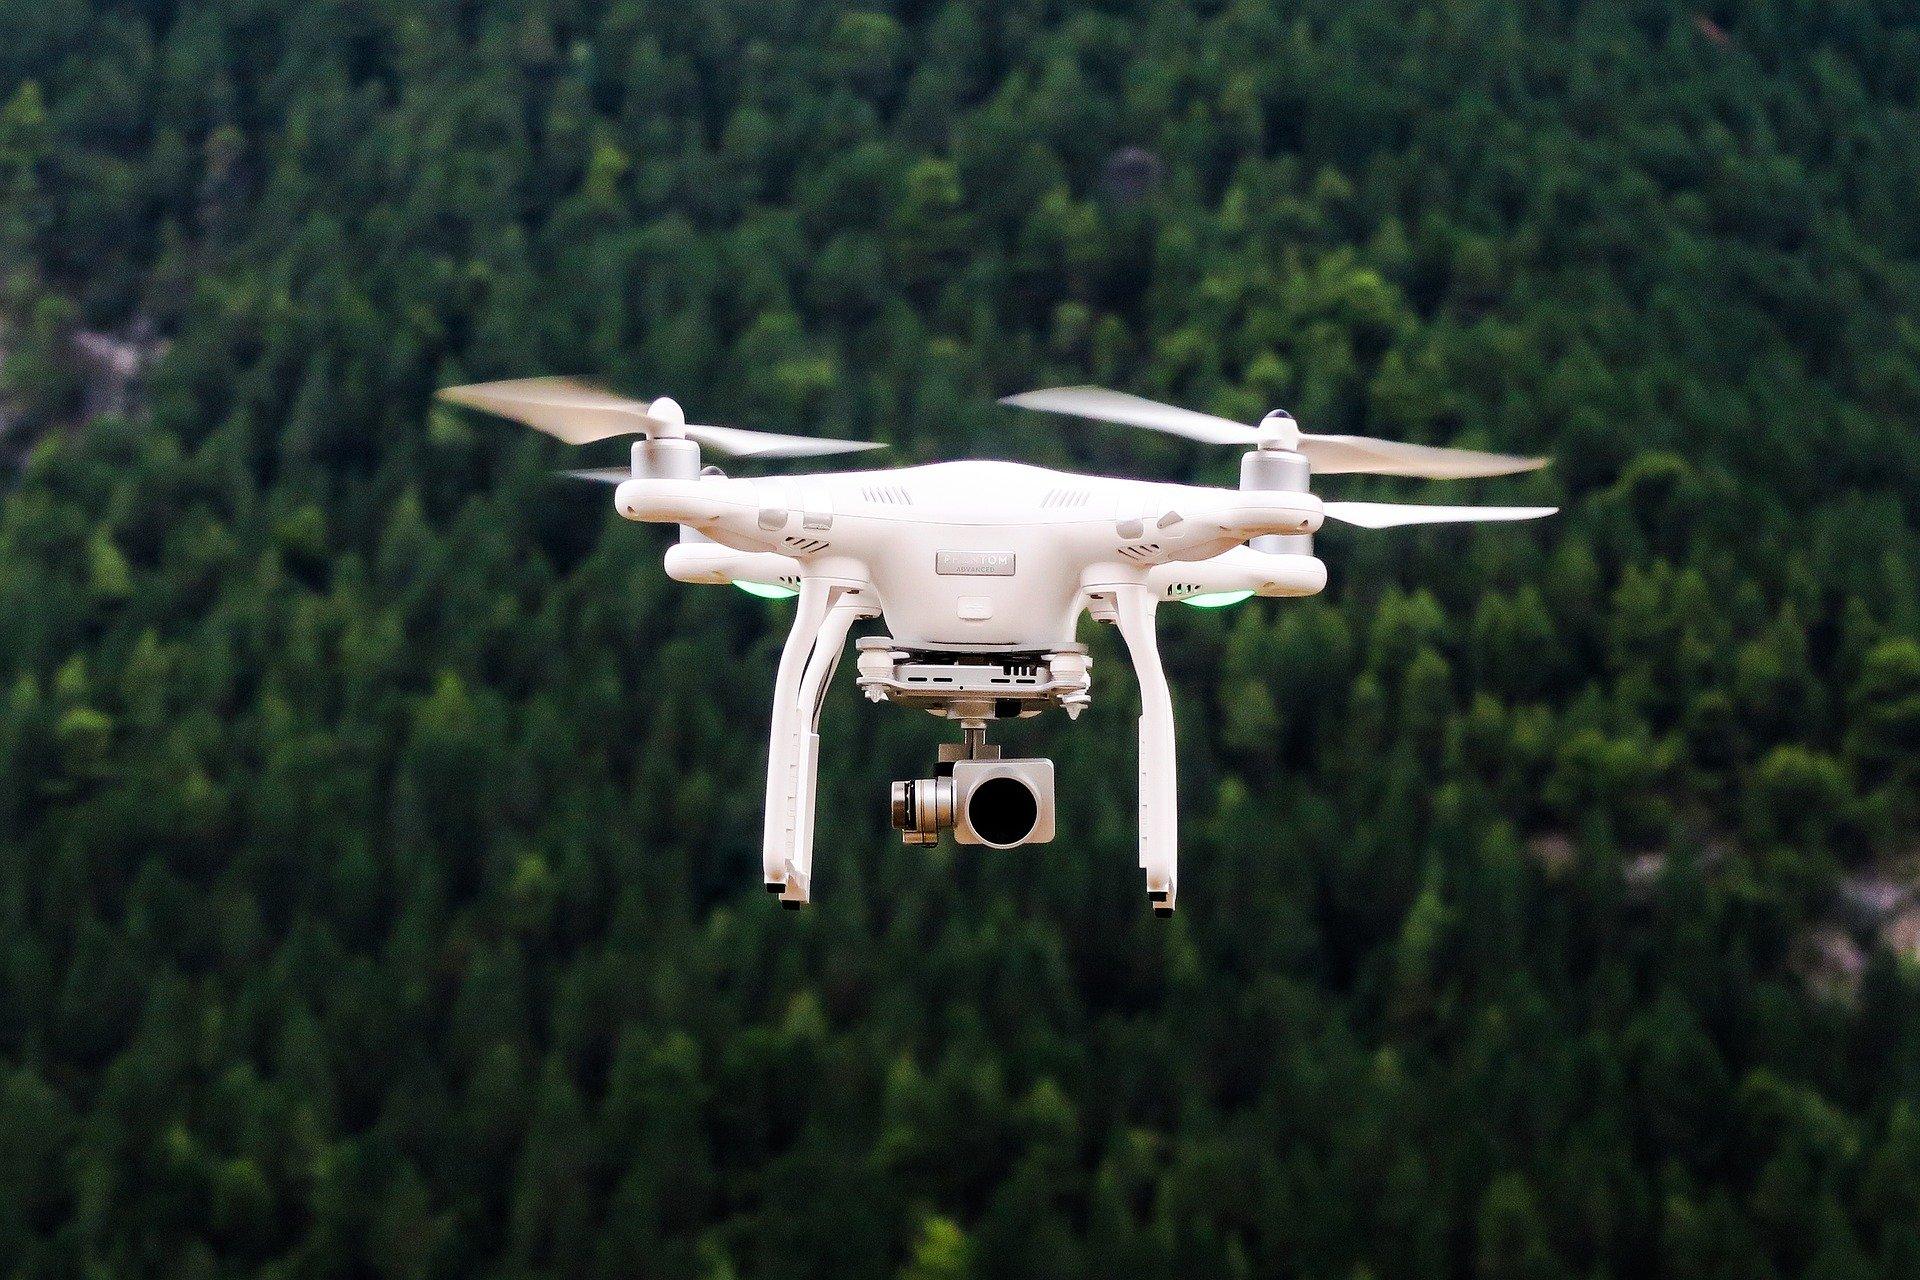 Ein Drohnenbild einer weissen Drohne über einem grünen Wald.